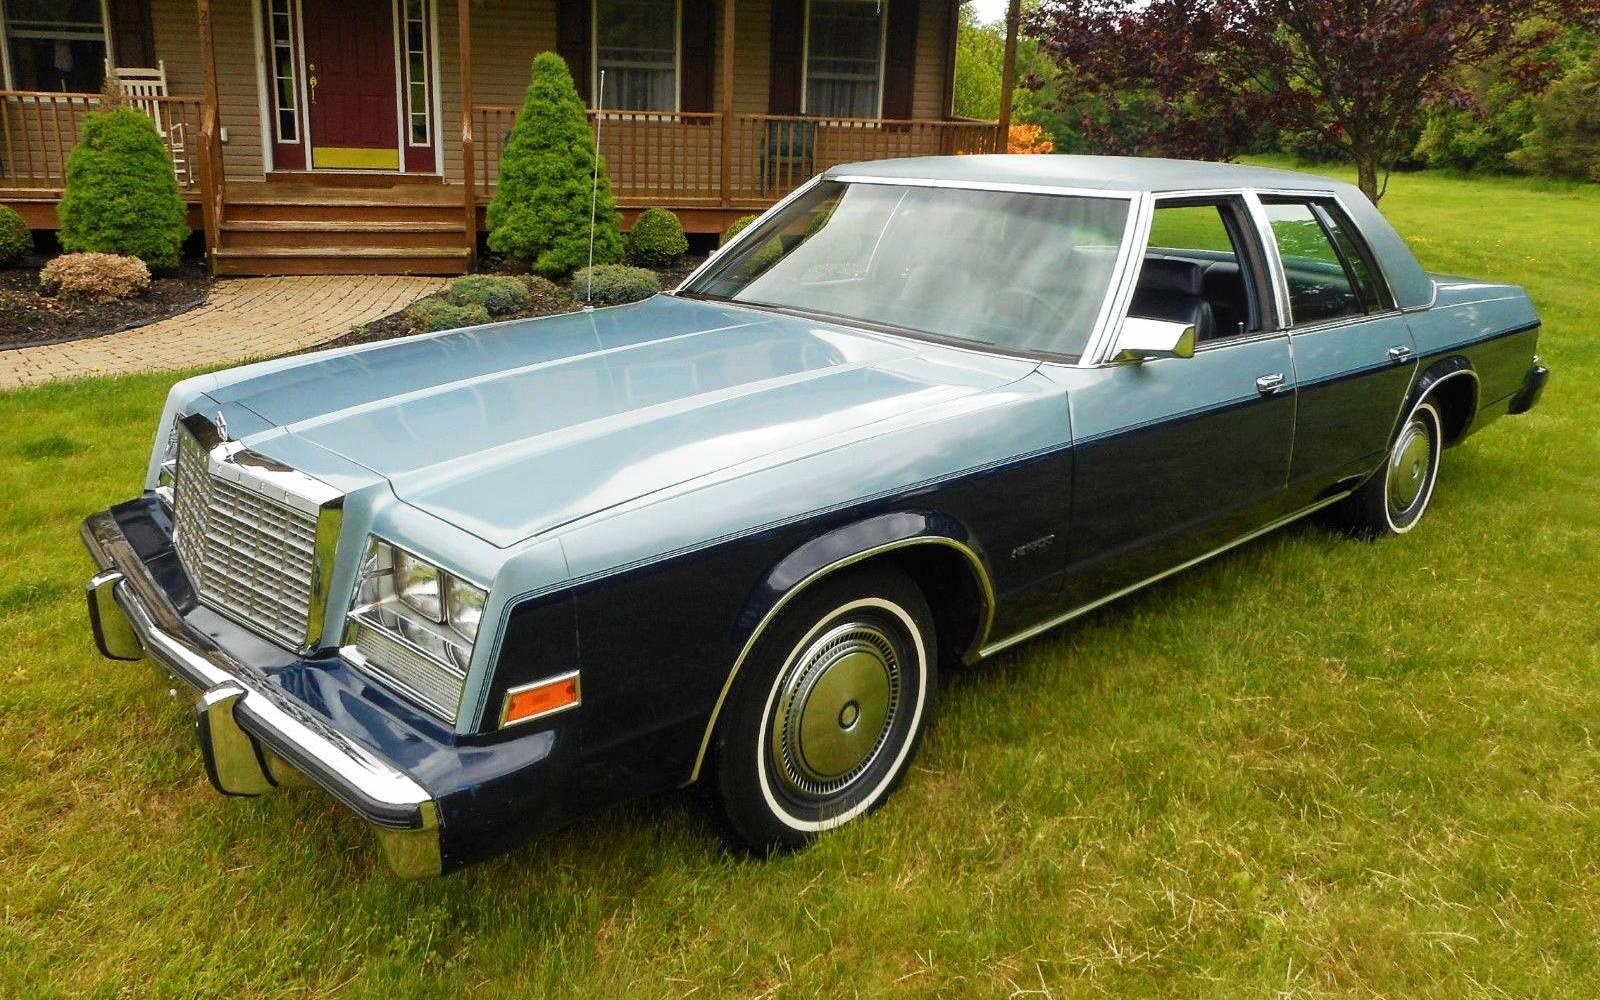 Early  S Chrysler Cars